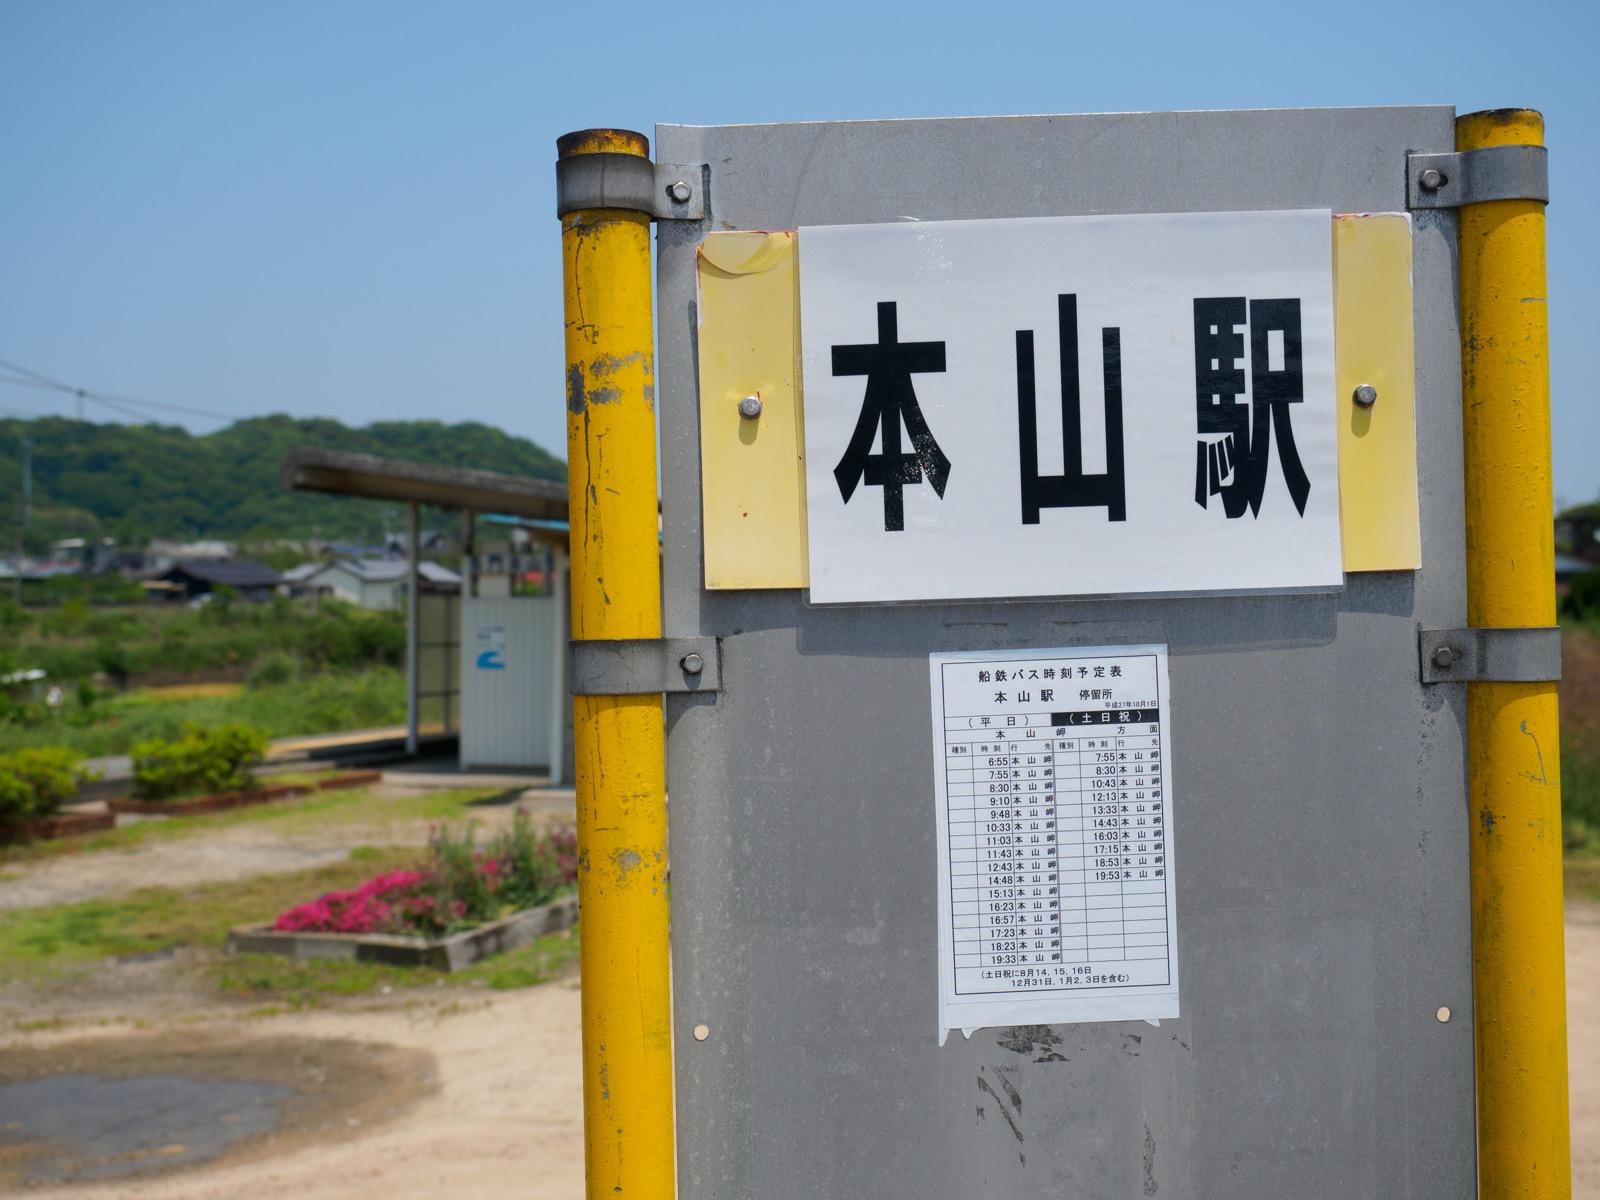 長門本山駅前にある、船木鉄道の本山駅バス停